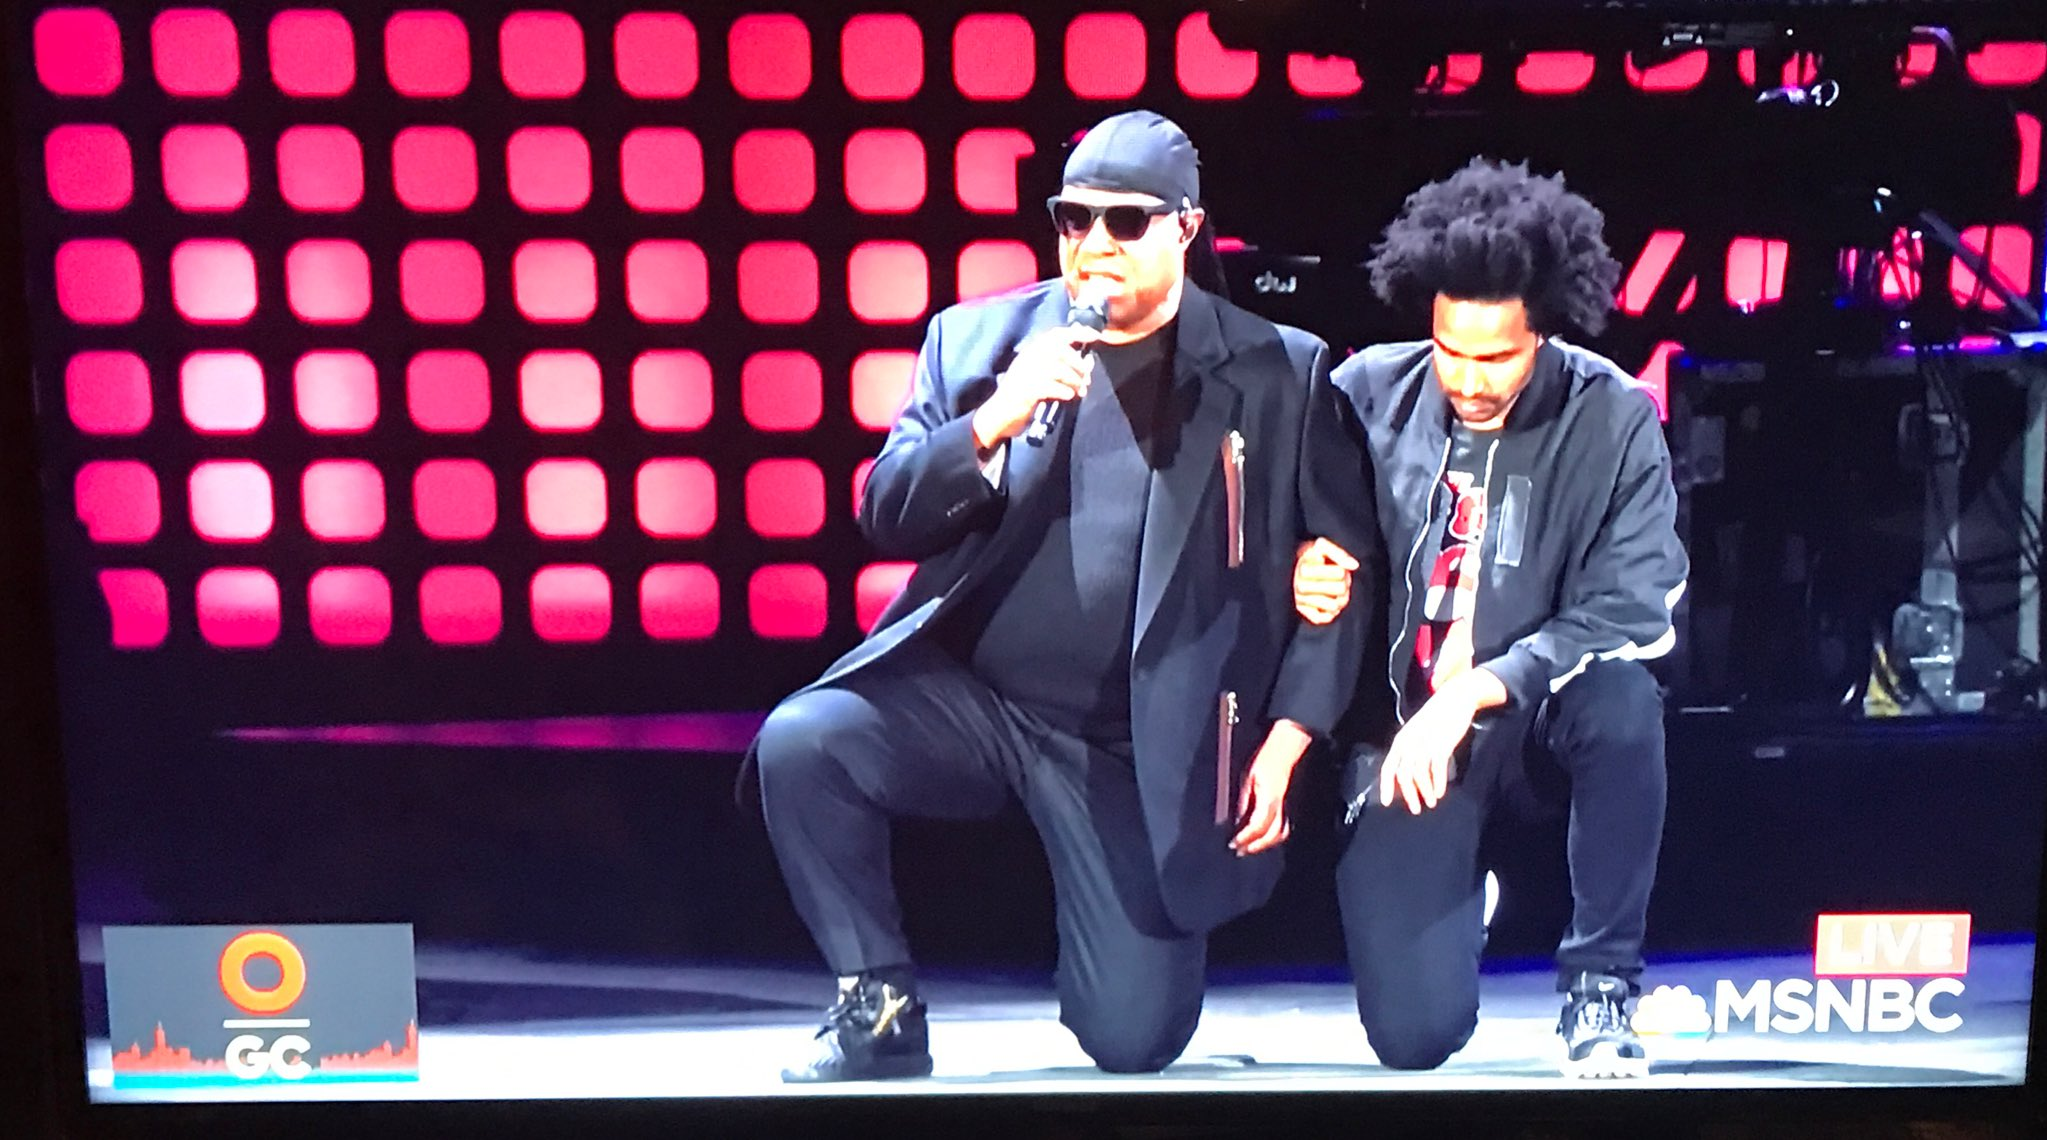 Stevie Wonder at #GCFest: 'Tonight I'm taking a knee for America..' https://t.co/1svgX2KzQZ